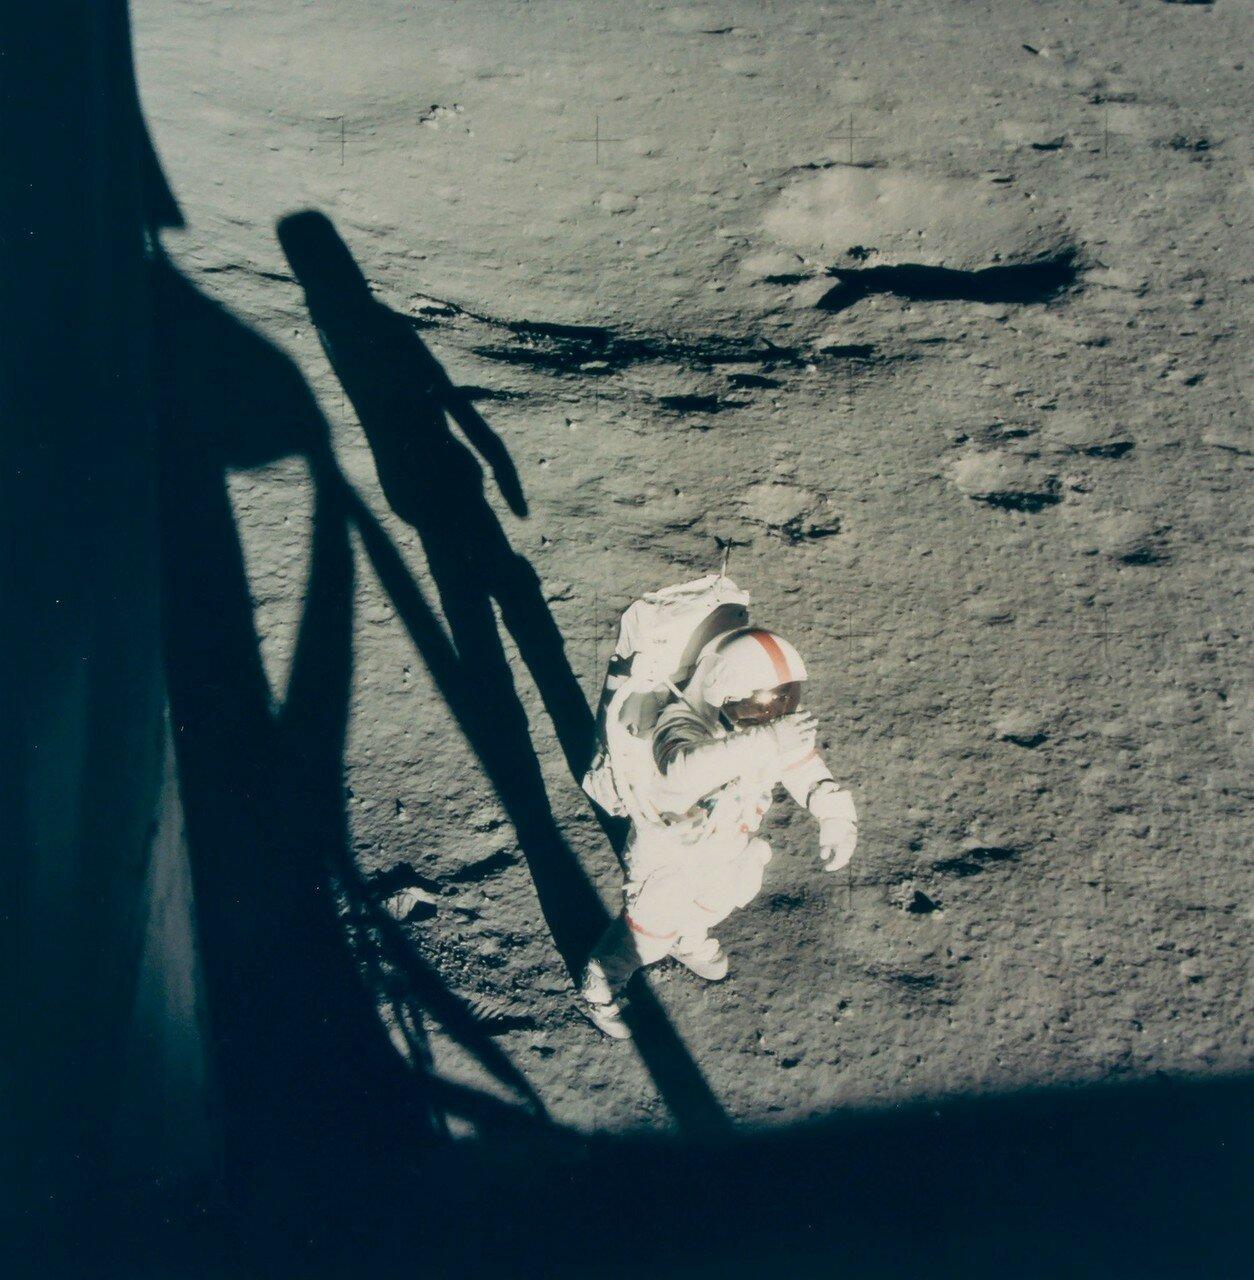 Первым на поверхность Луны в бортовое время 114 часов 31 минут спустился Шепард. При этом он произнёс: «Это был долгий путь, но вот мы здесь». На снимке: Алан Шепард на лунной поверхности